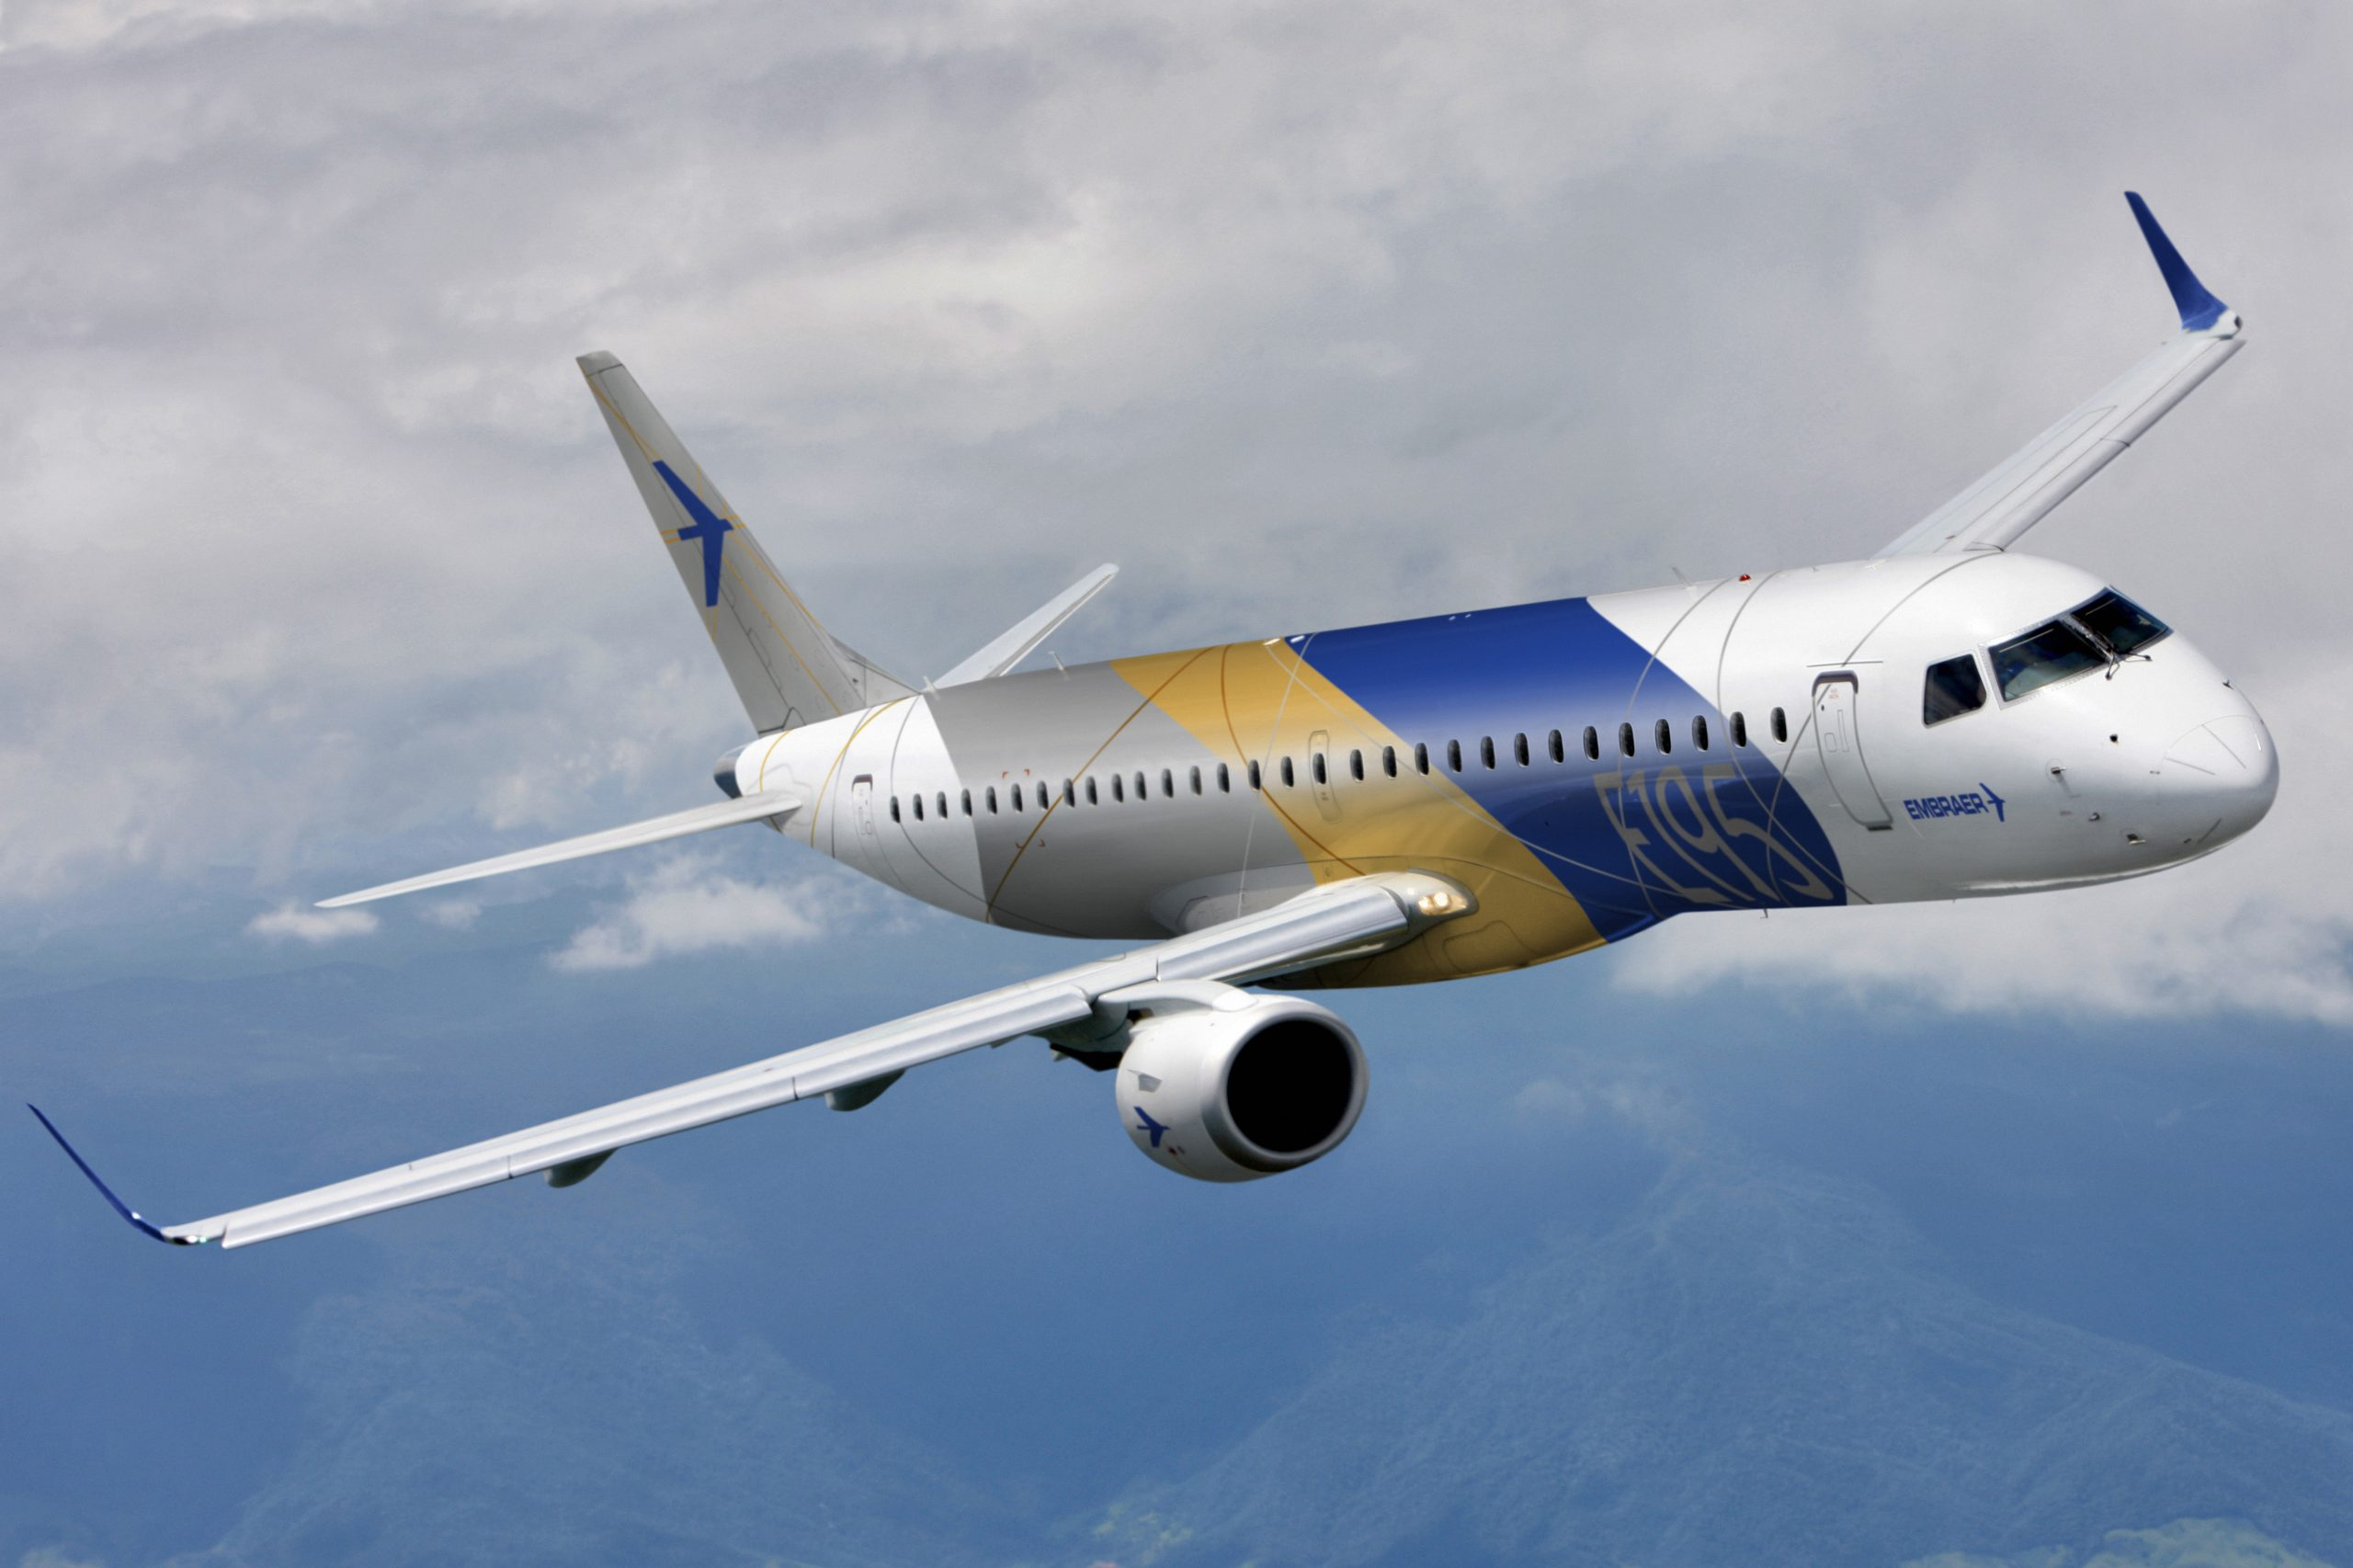 Embraer E-195